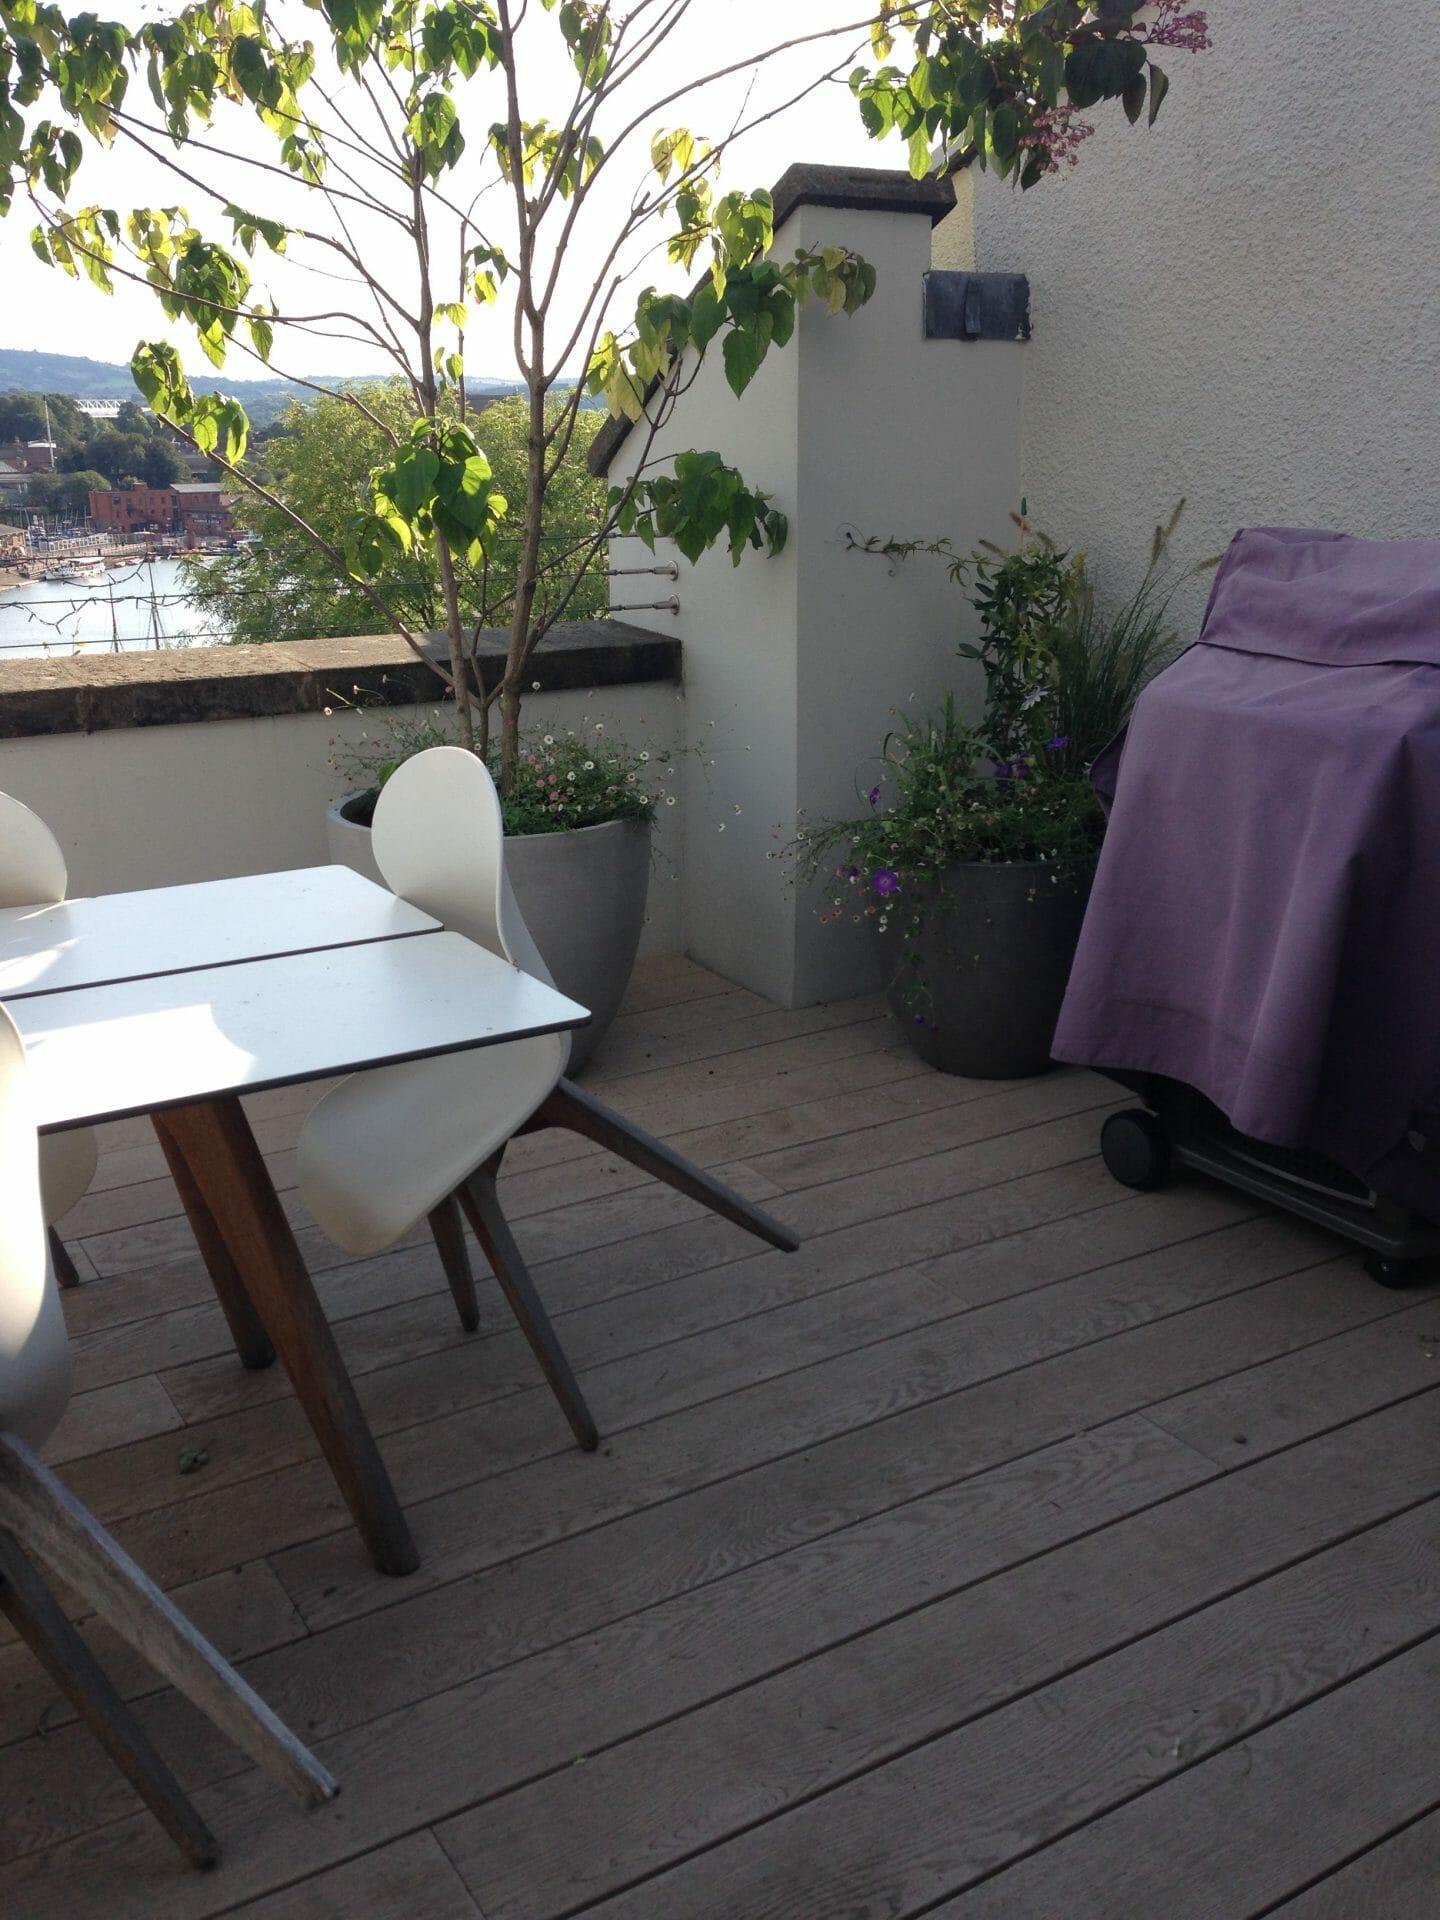 Bristol Roof Garden BBQ Area